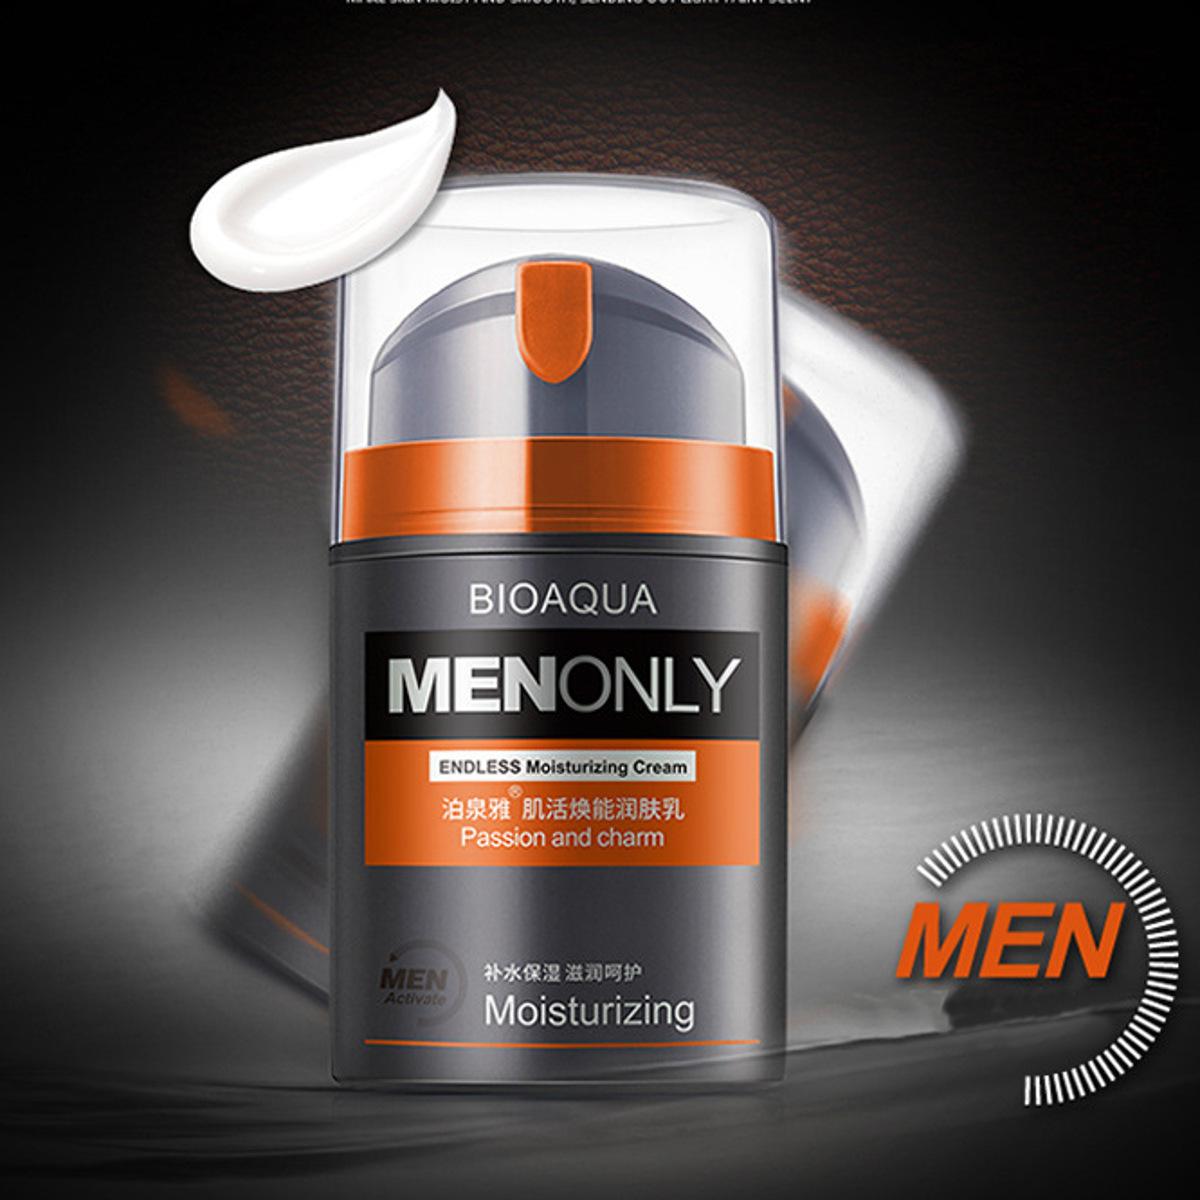 50g Men Repair Cream Face Lotion Moisturizing